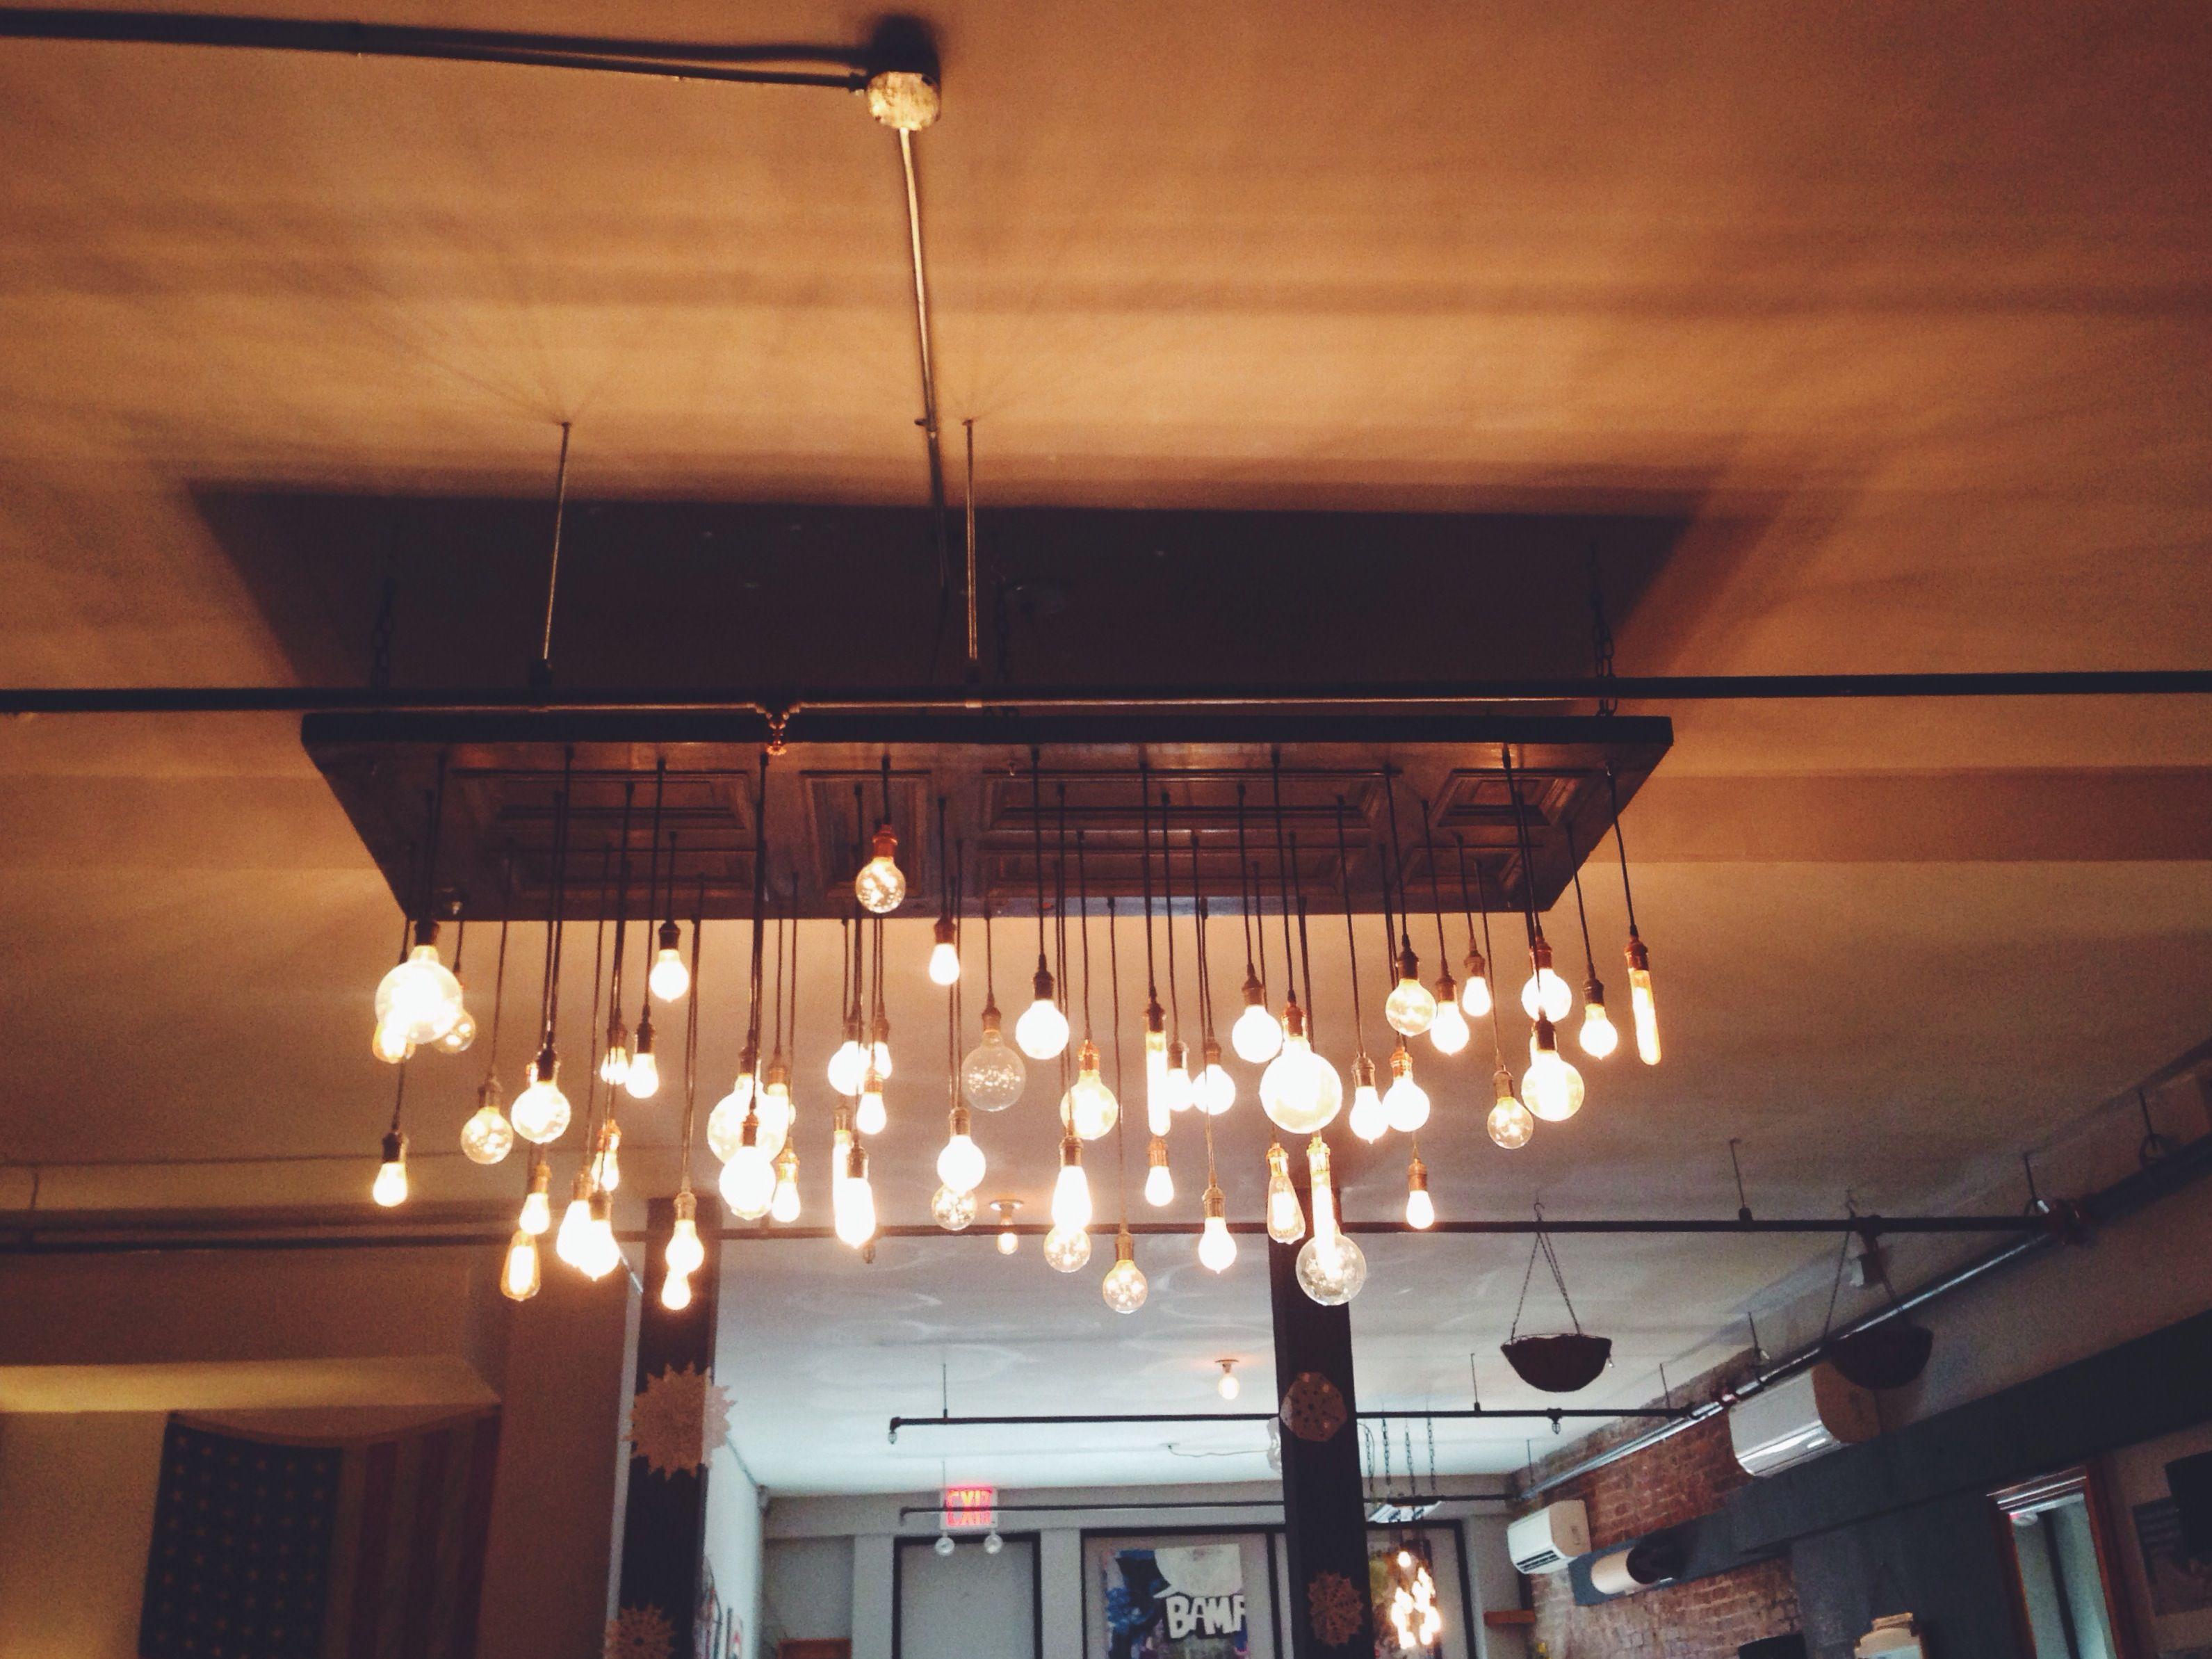 Edison bulbs dtut upper east side nyc lighting